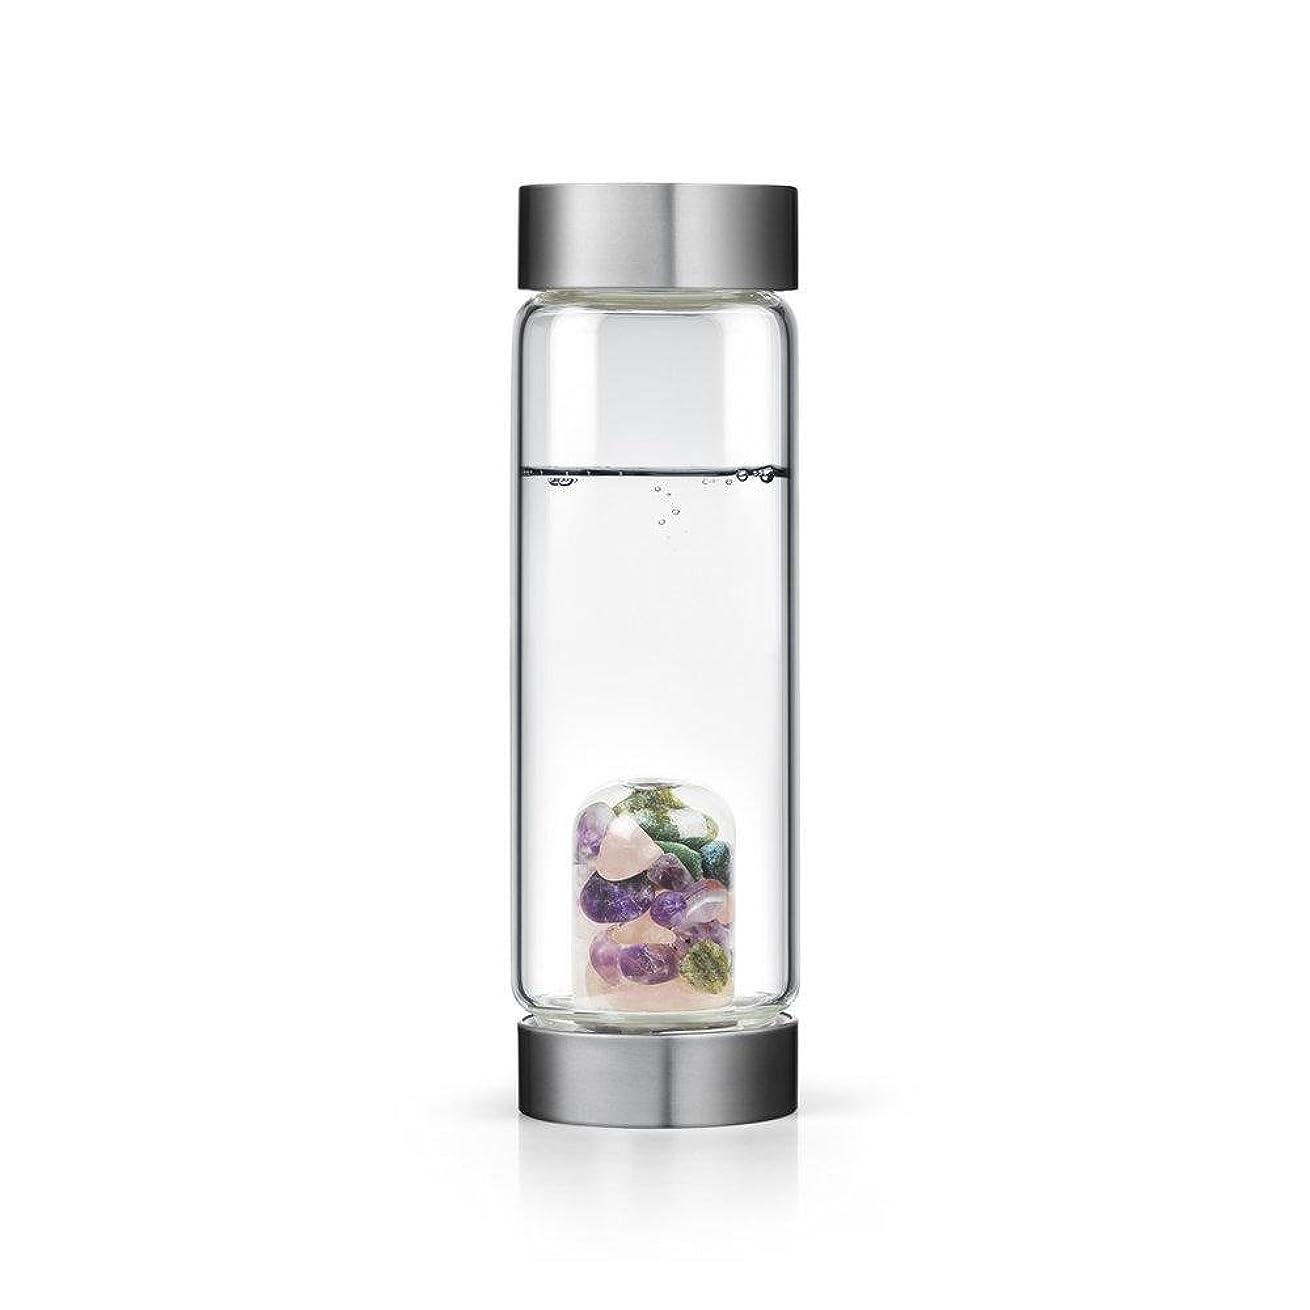 うれしい漏斗情緒的Beauty gem-waterボトルby VitaJuwel W / Freeカリフォルニアホワイトセージバンドル 16.9 fl oz